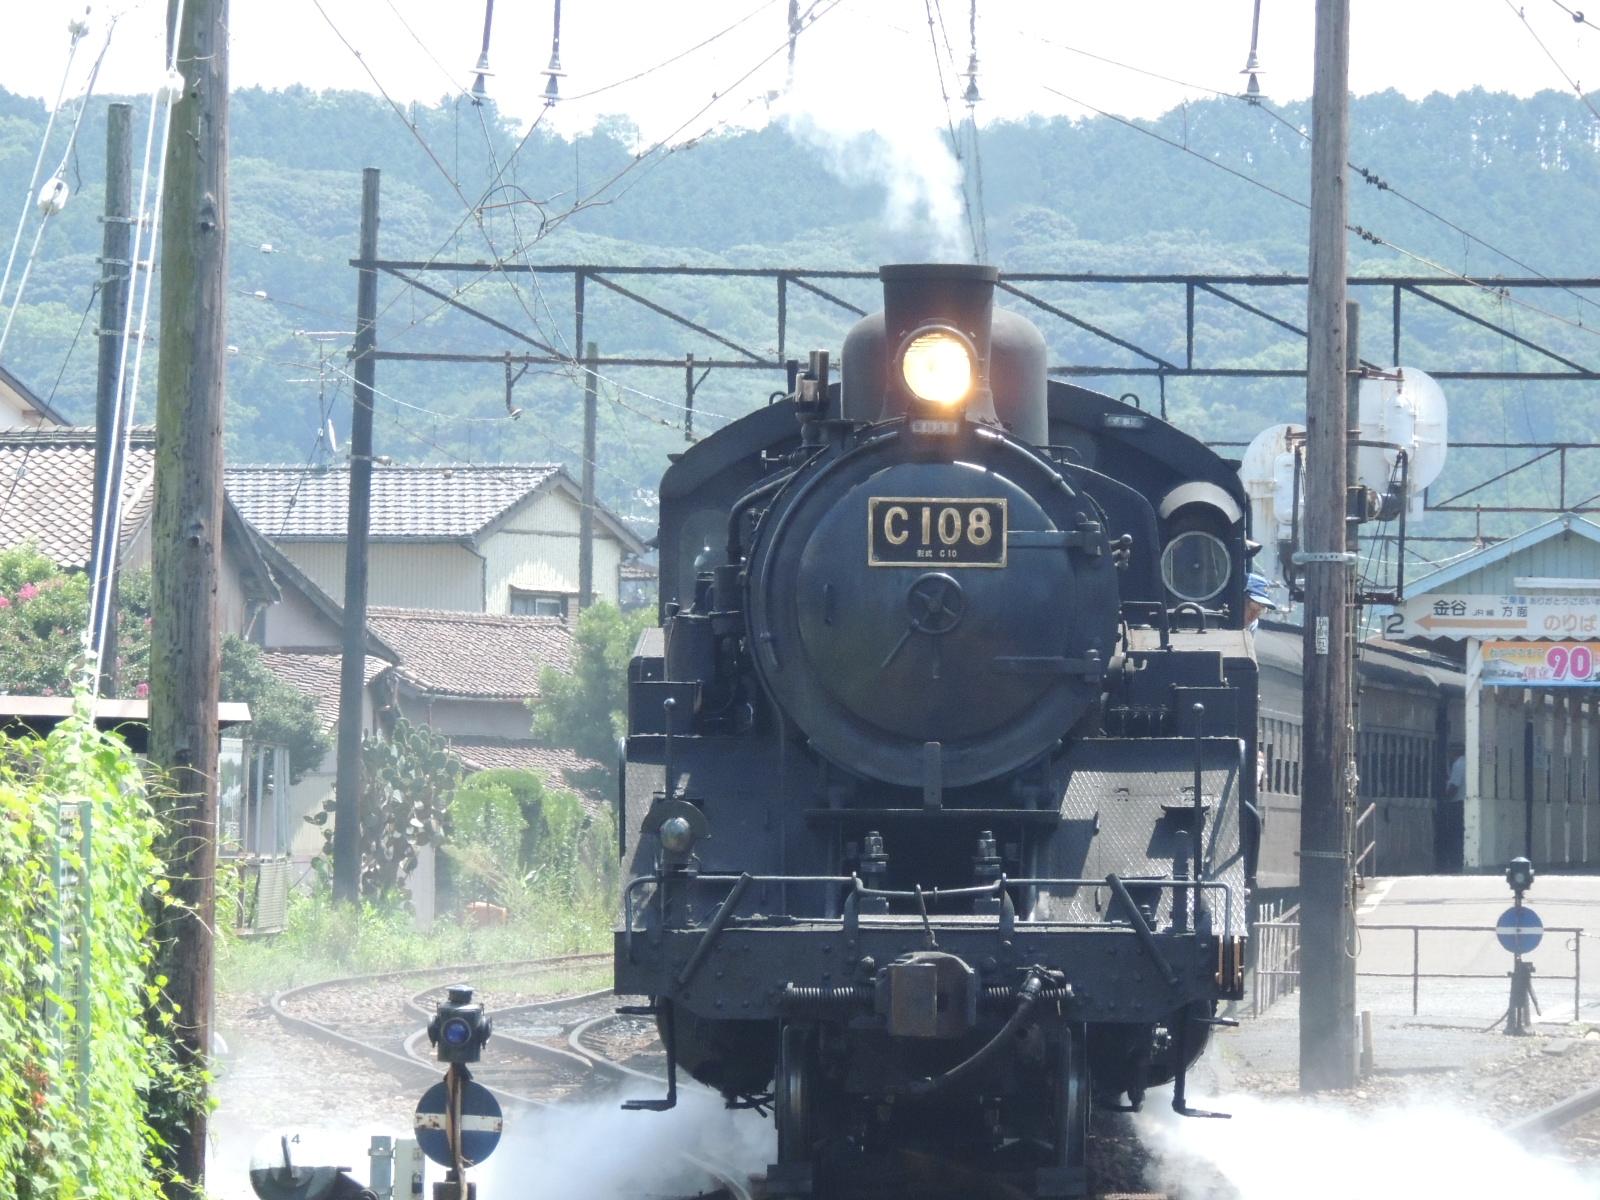 大井川鉄道SL c108号機 新金谷付近 (2)